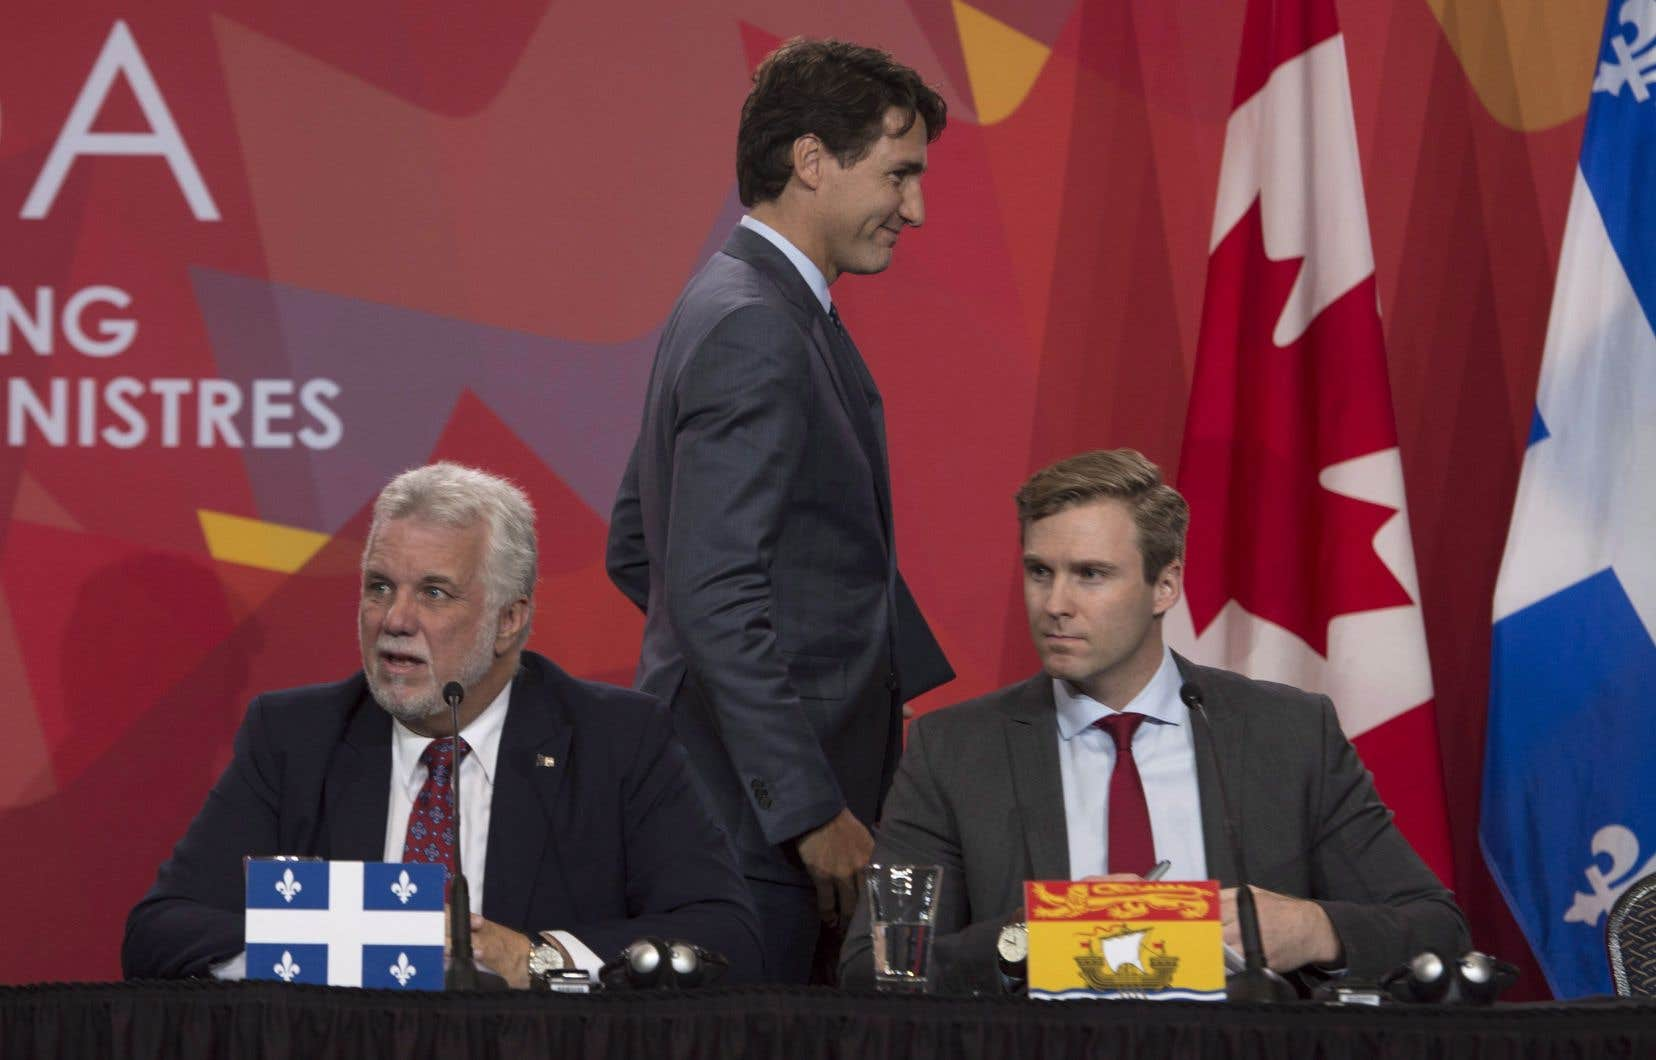 La réforme fiscale du gouvernement Trudeau est loin de faire l'unanimité auprès des provinces.